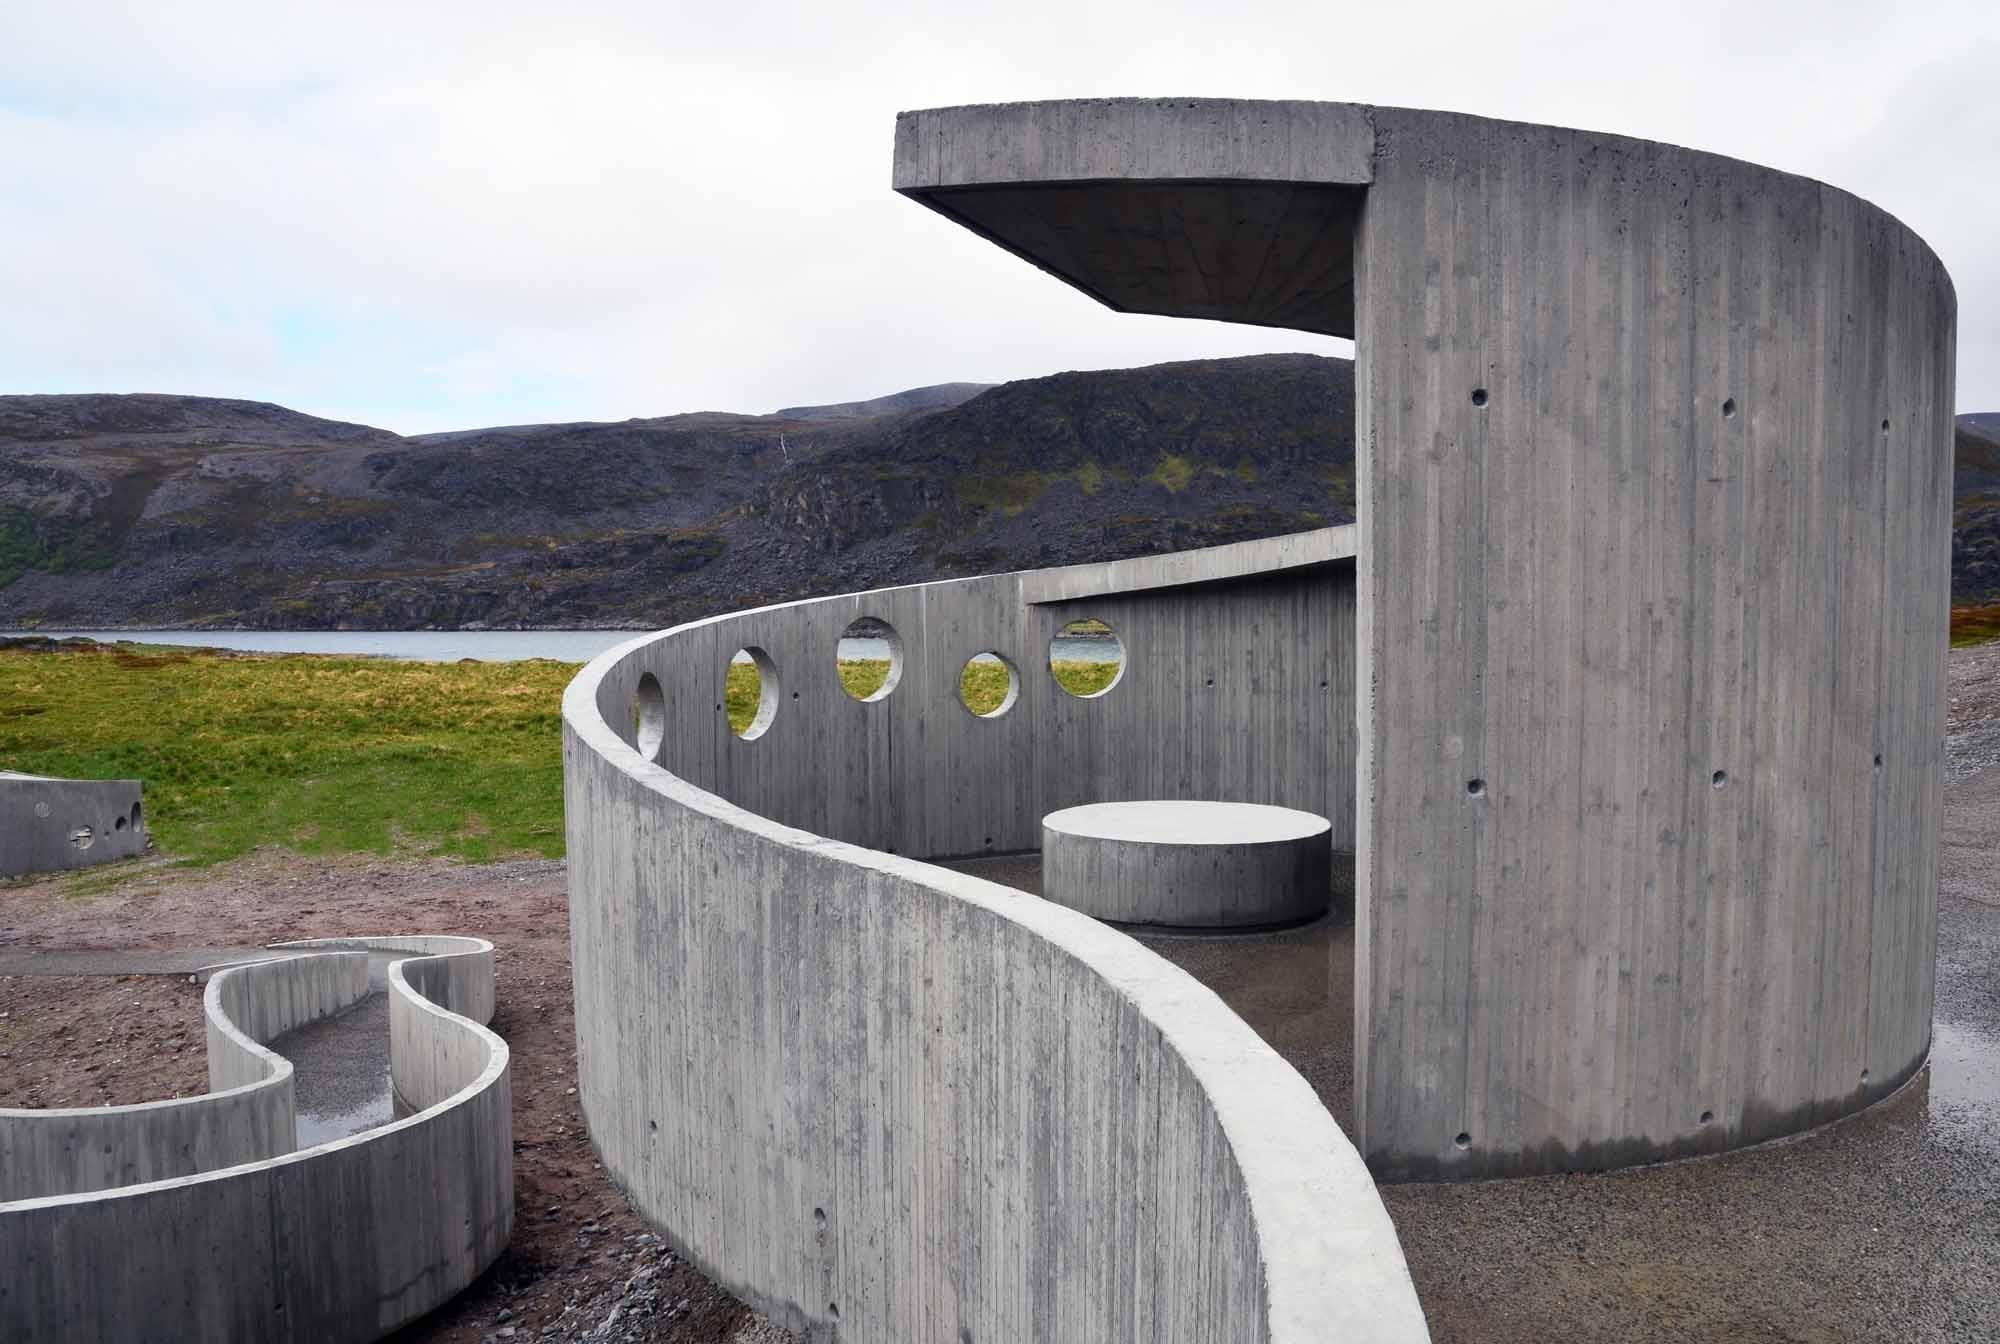 Rastplatz Selvika Nahe Havøysund | Beton | Öffentlicher Raum ... Offentliche Toilette Park Landschaft